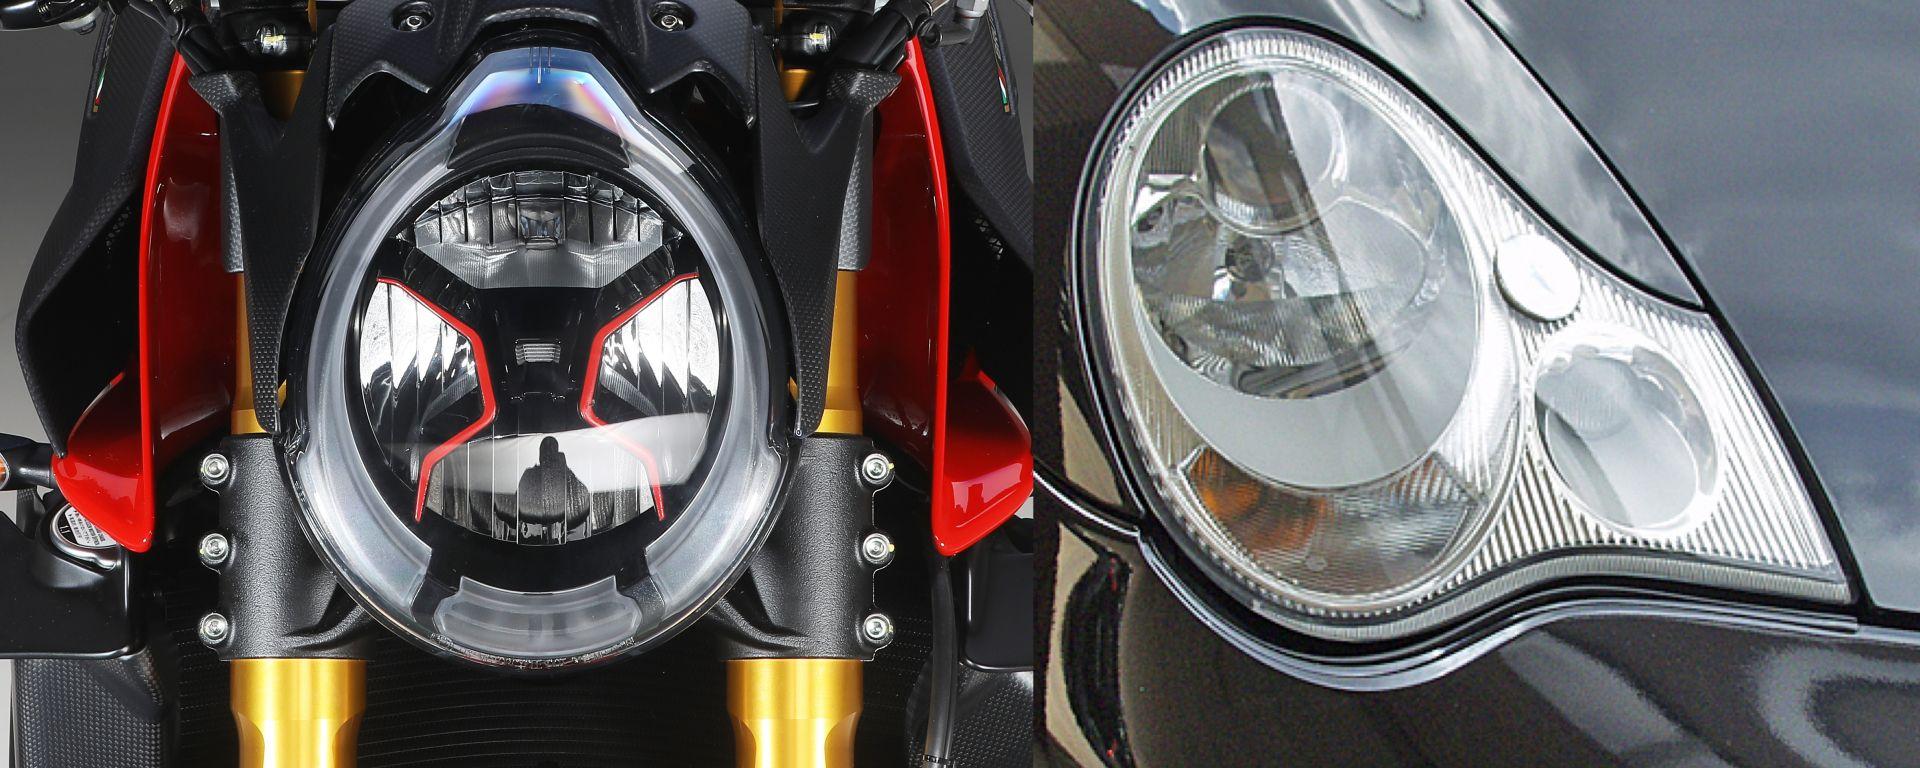 Il fanale anteriore della MV Agusta Brutale 1000 RR e della Porsche 911 Carrera (996) hanno qualcosa in comune...